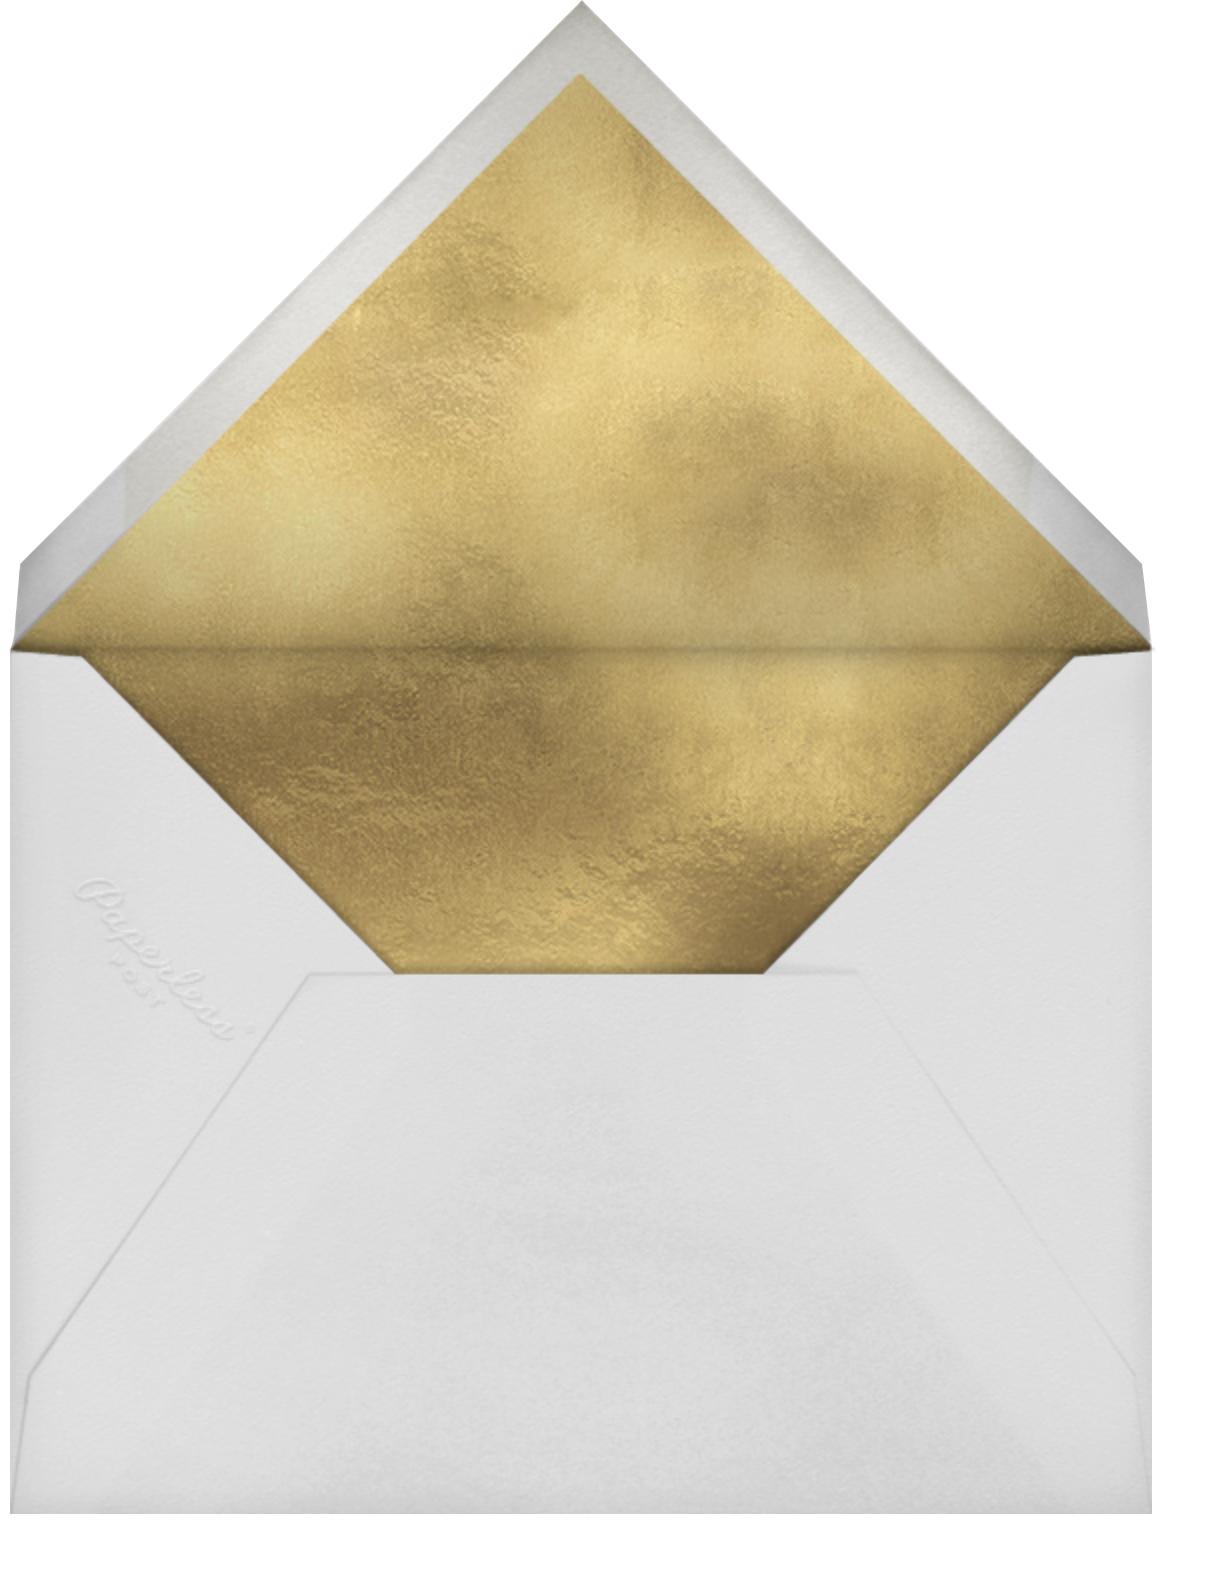 Rosette Cake - Paperless Post - Envelope